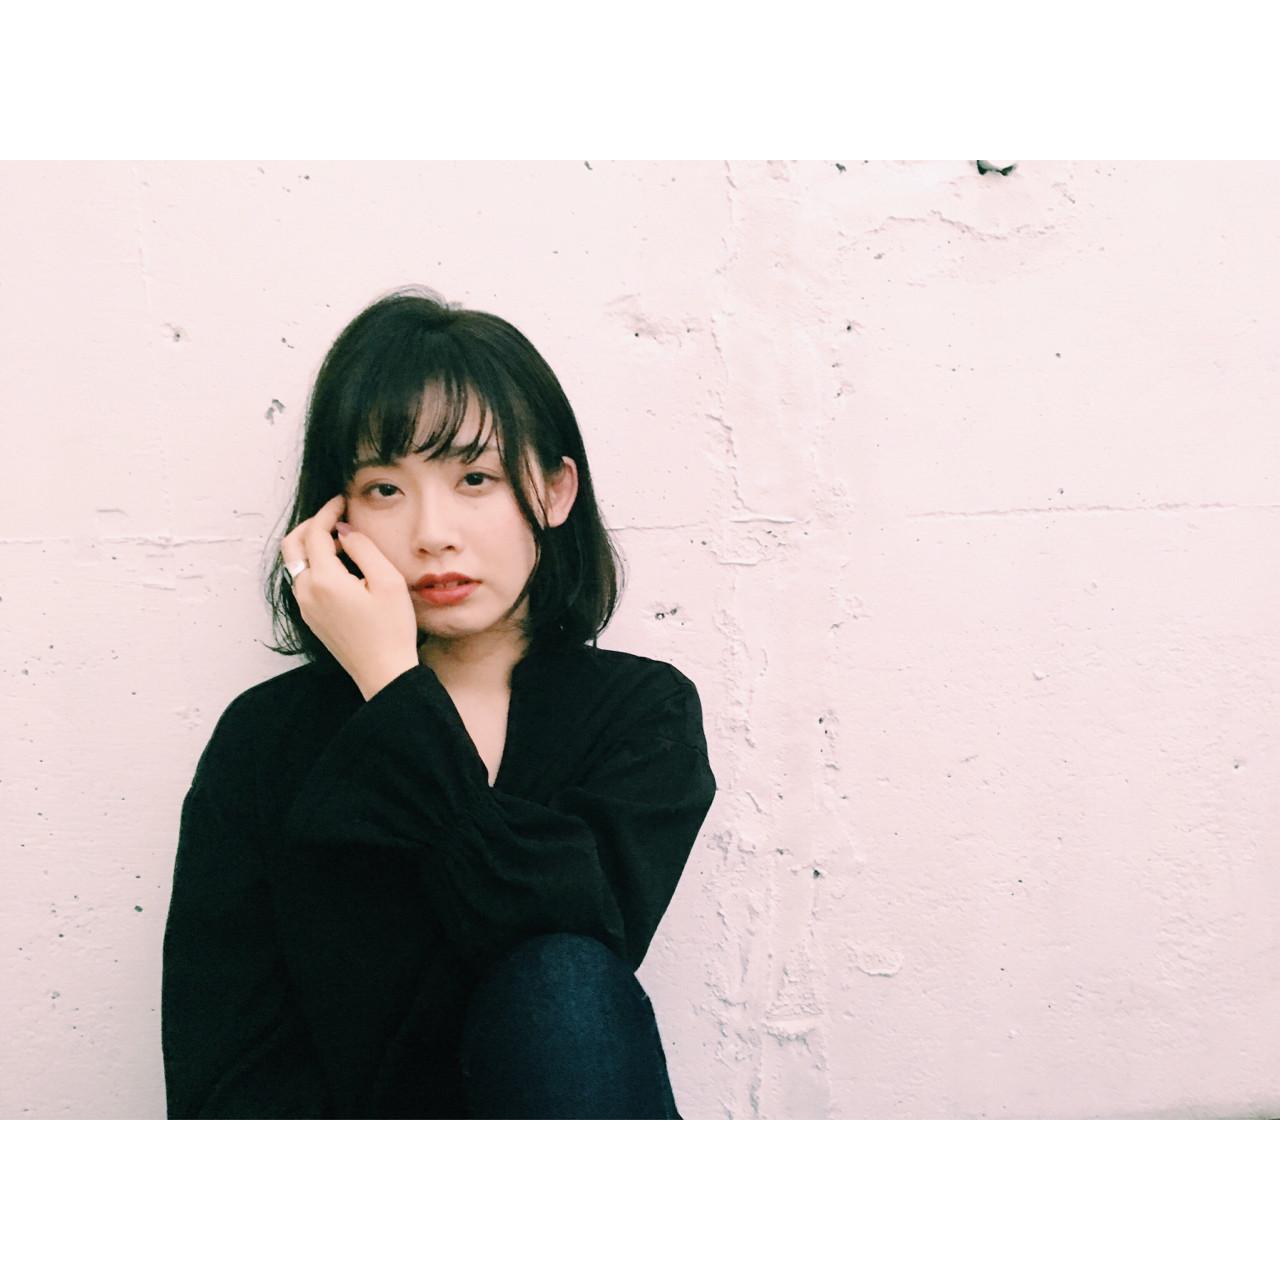 なりたいが叶う♡印象別黒髪ぱっつんボブスタイルを紹介! 長 賢太郎